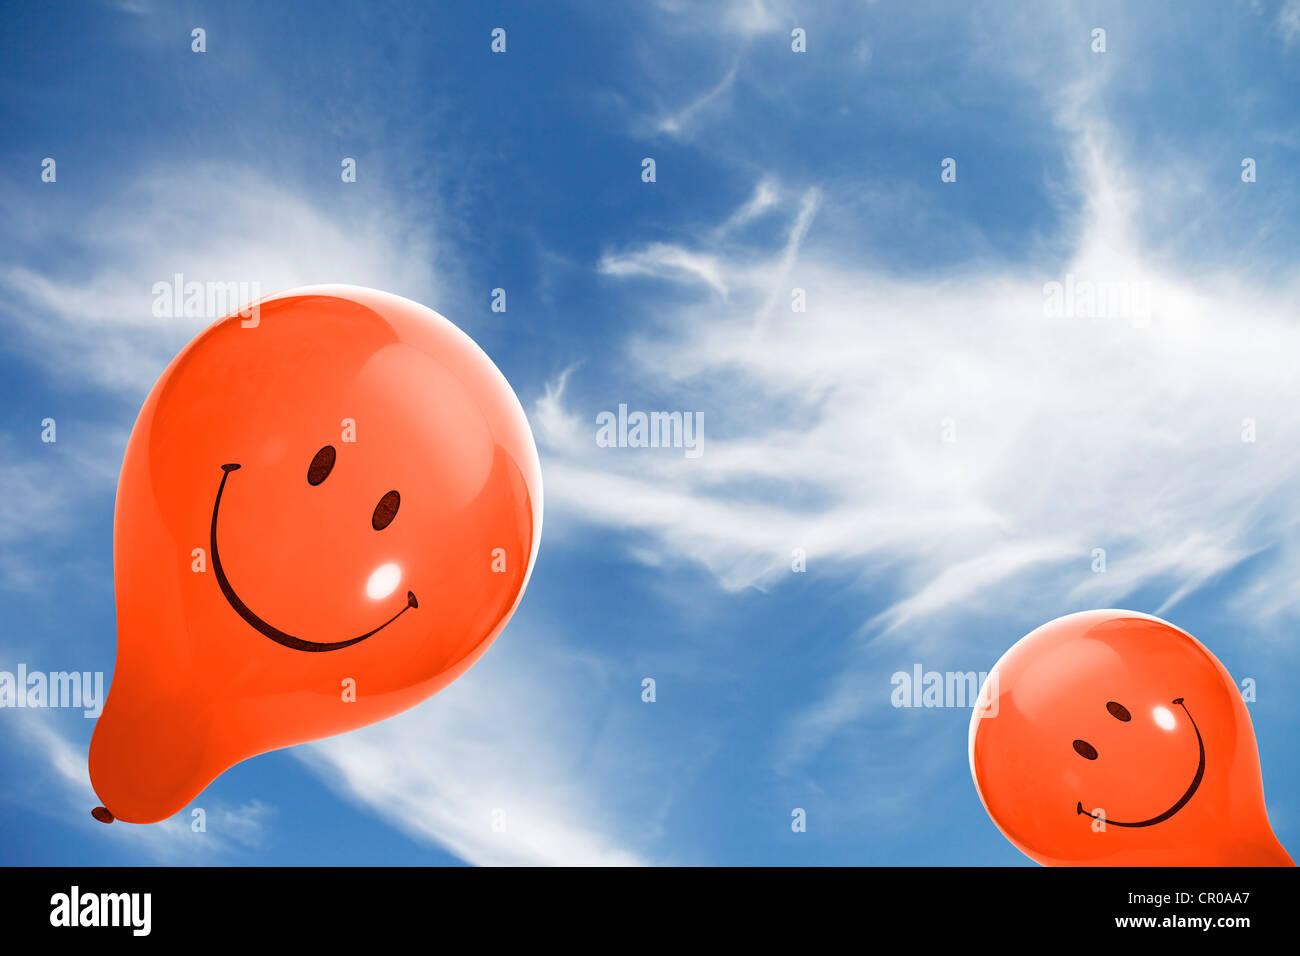 Dos globos smiley naranja contra un cielo azul con nubes Imagen De Stock